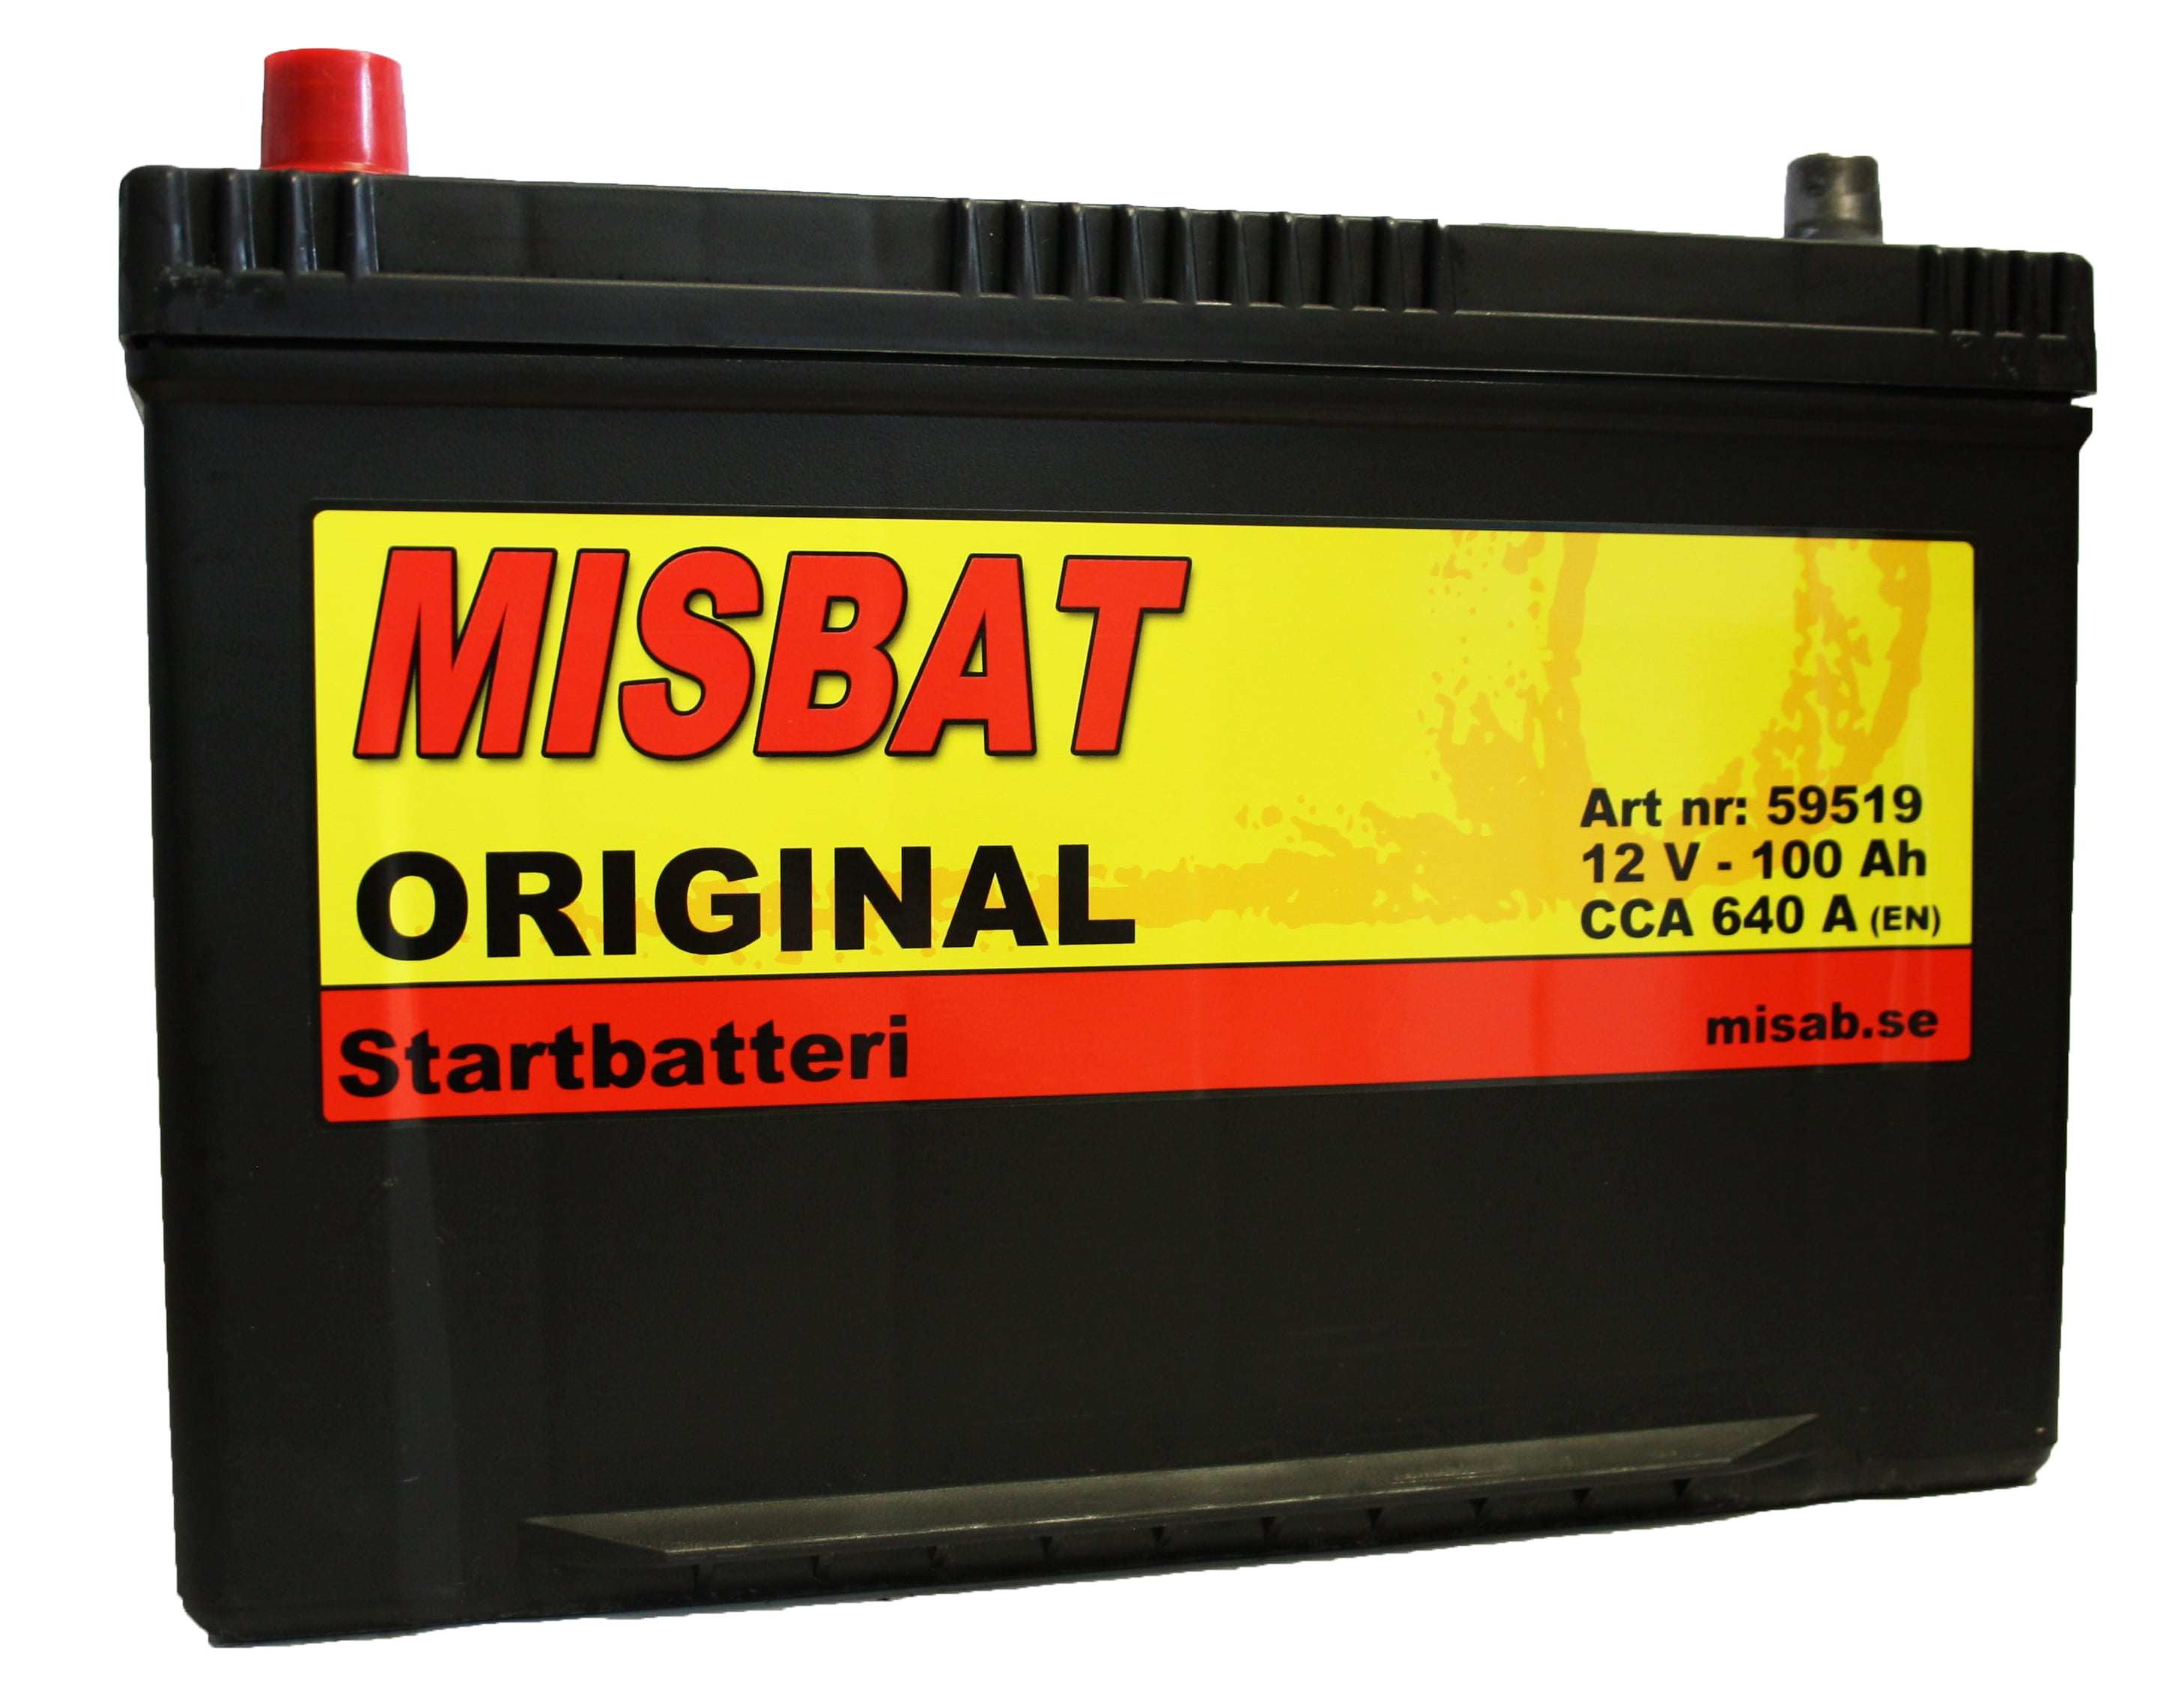 MISBAT ORIGINAL 100 AH